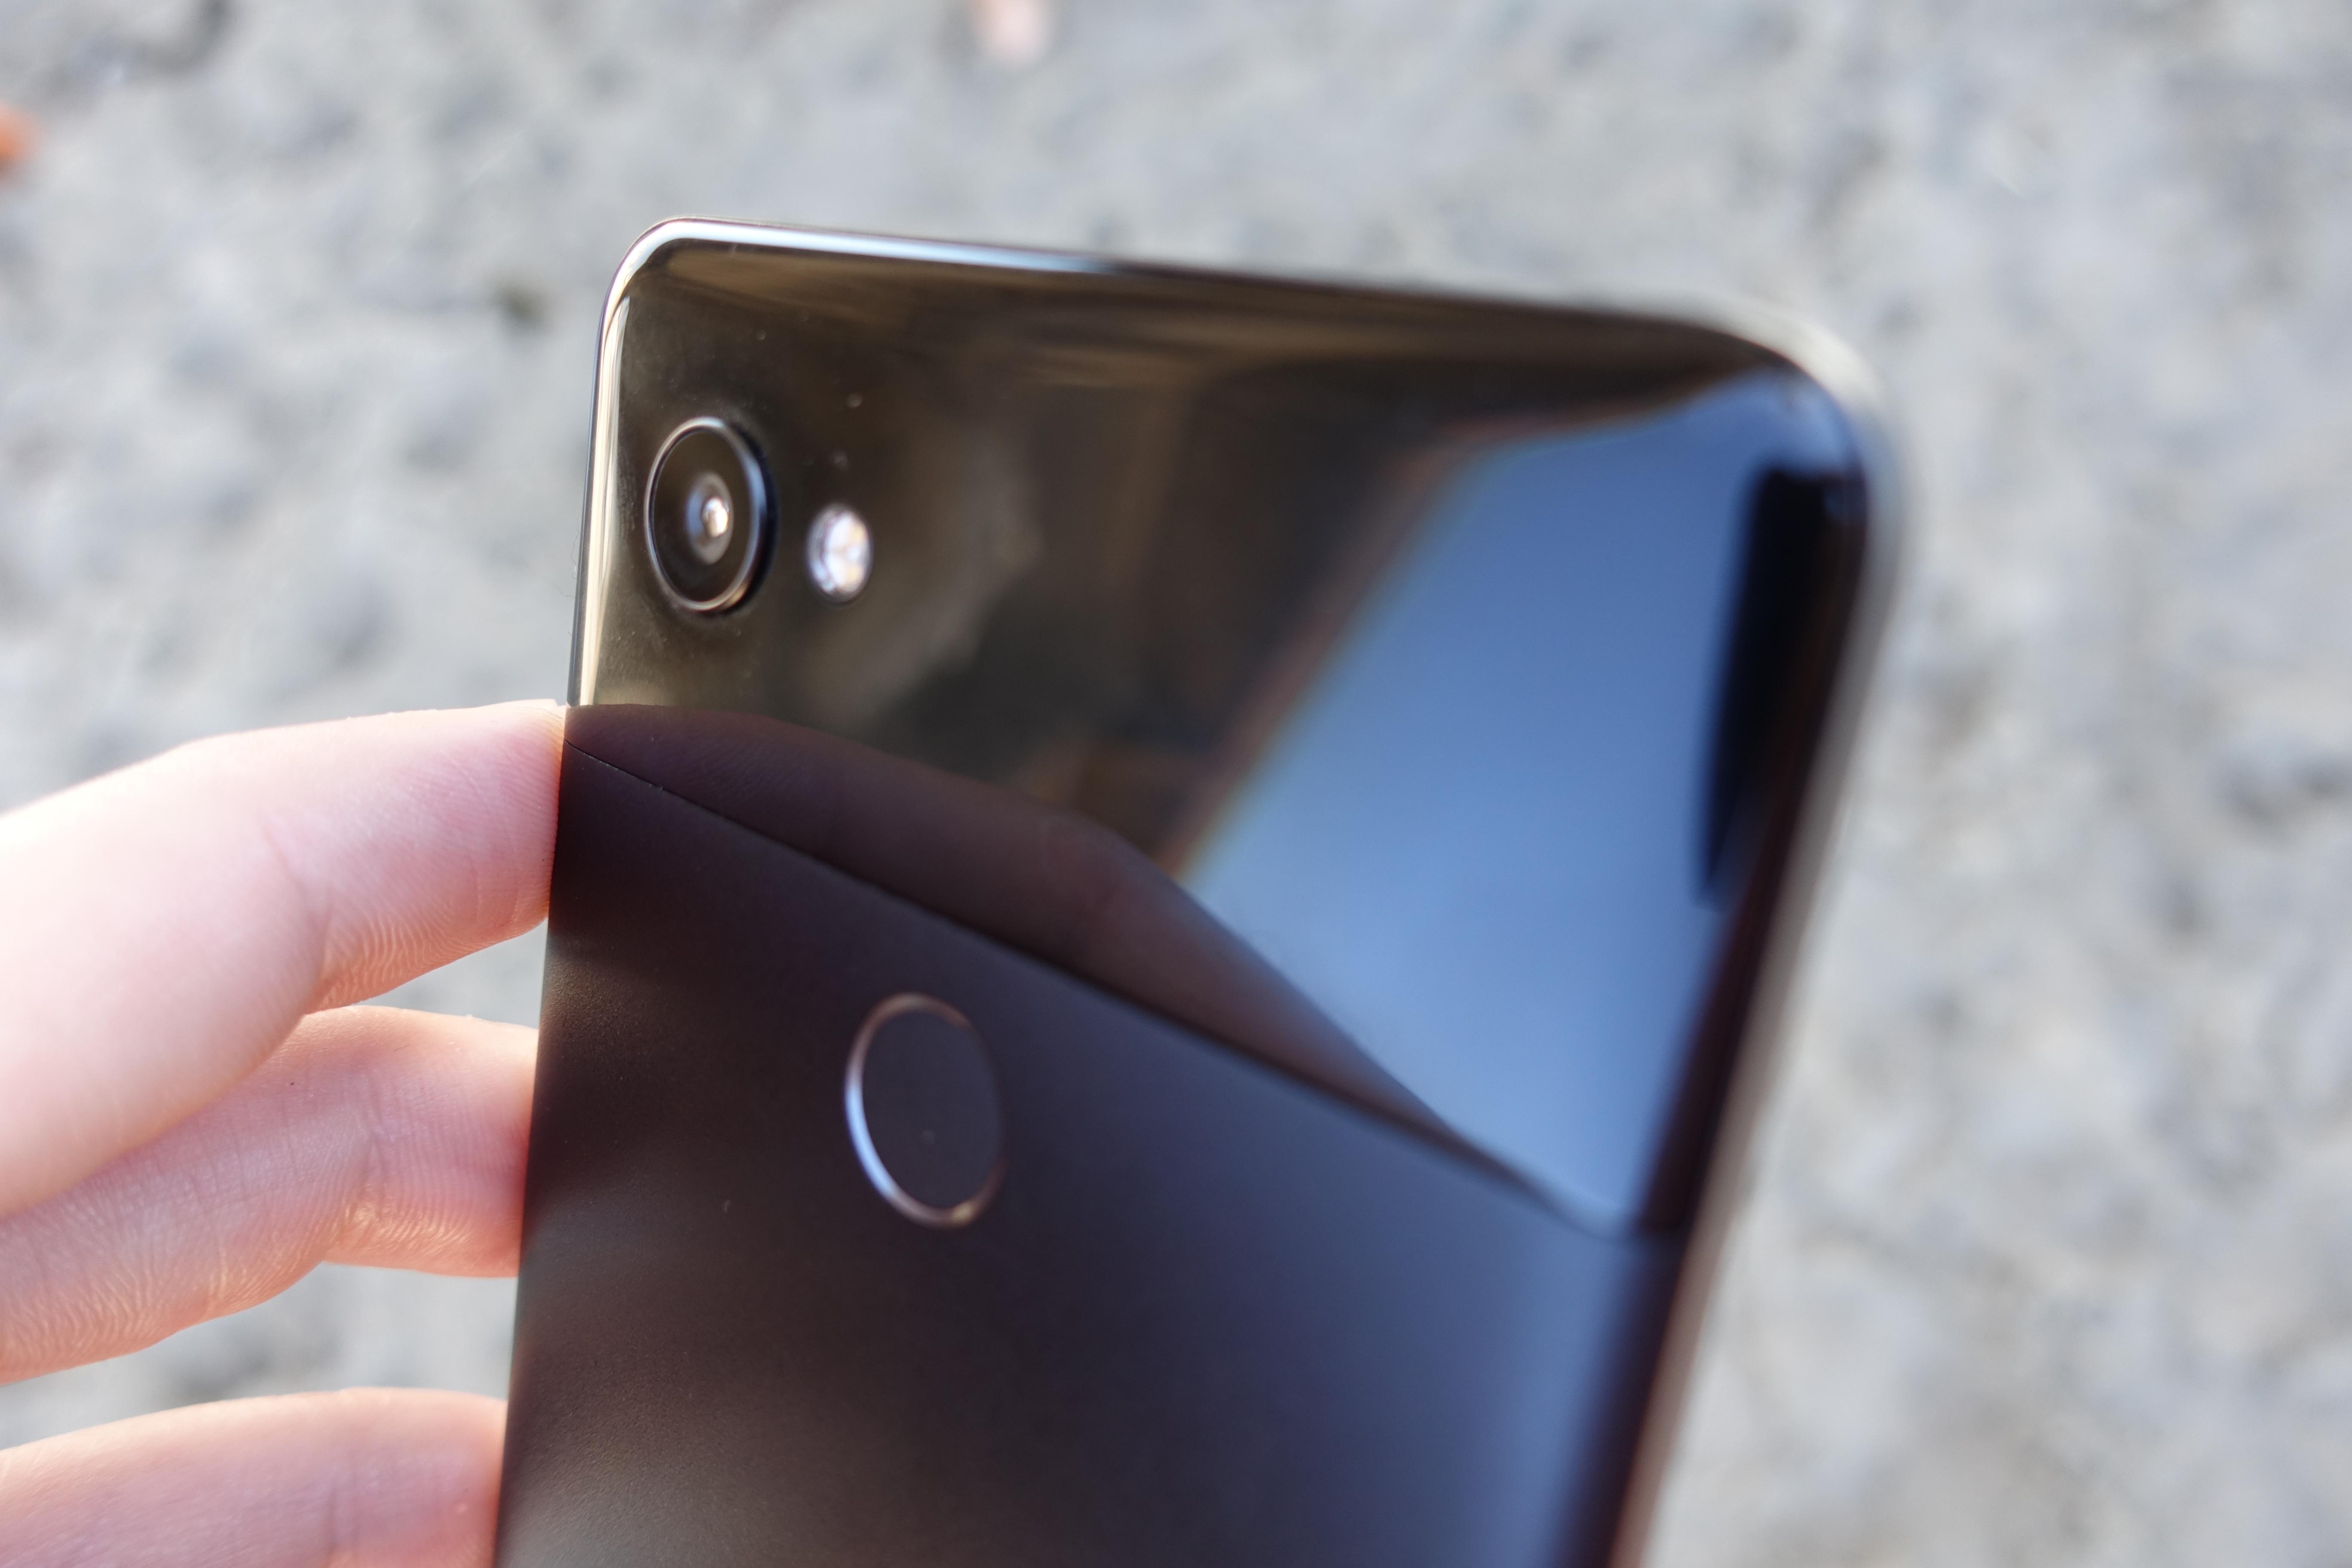 Det er kameraet som virkelig skinner på denne mobilen, men den er ikke alltid bedre enn Note 8 og iPhone 8 Plus.